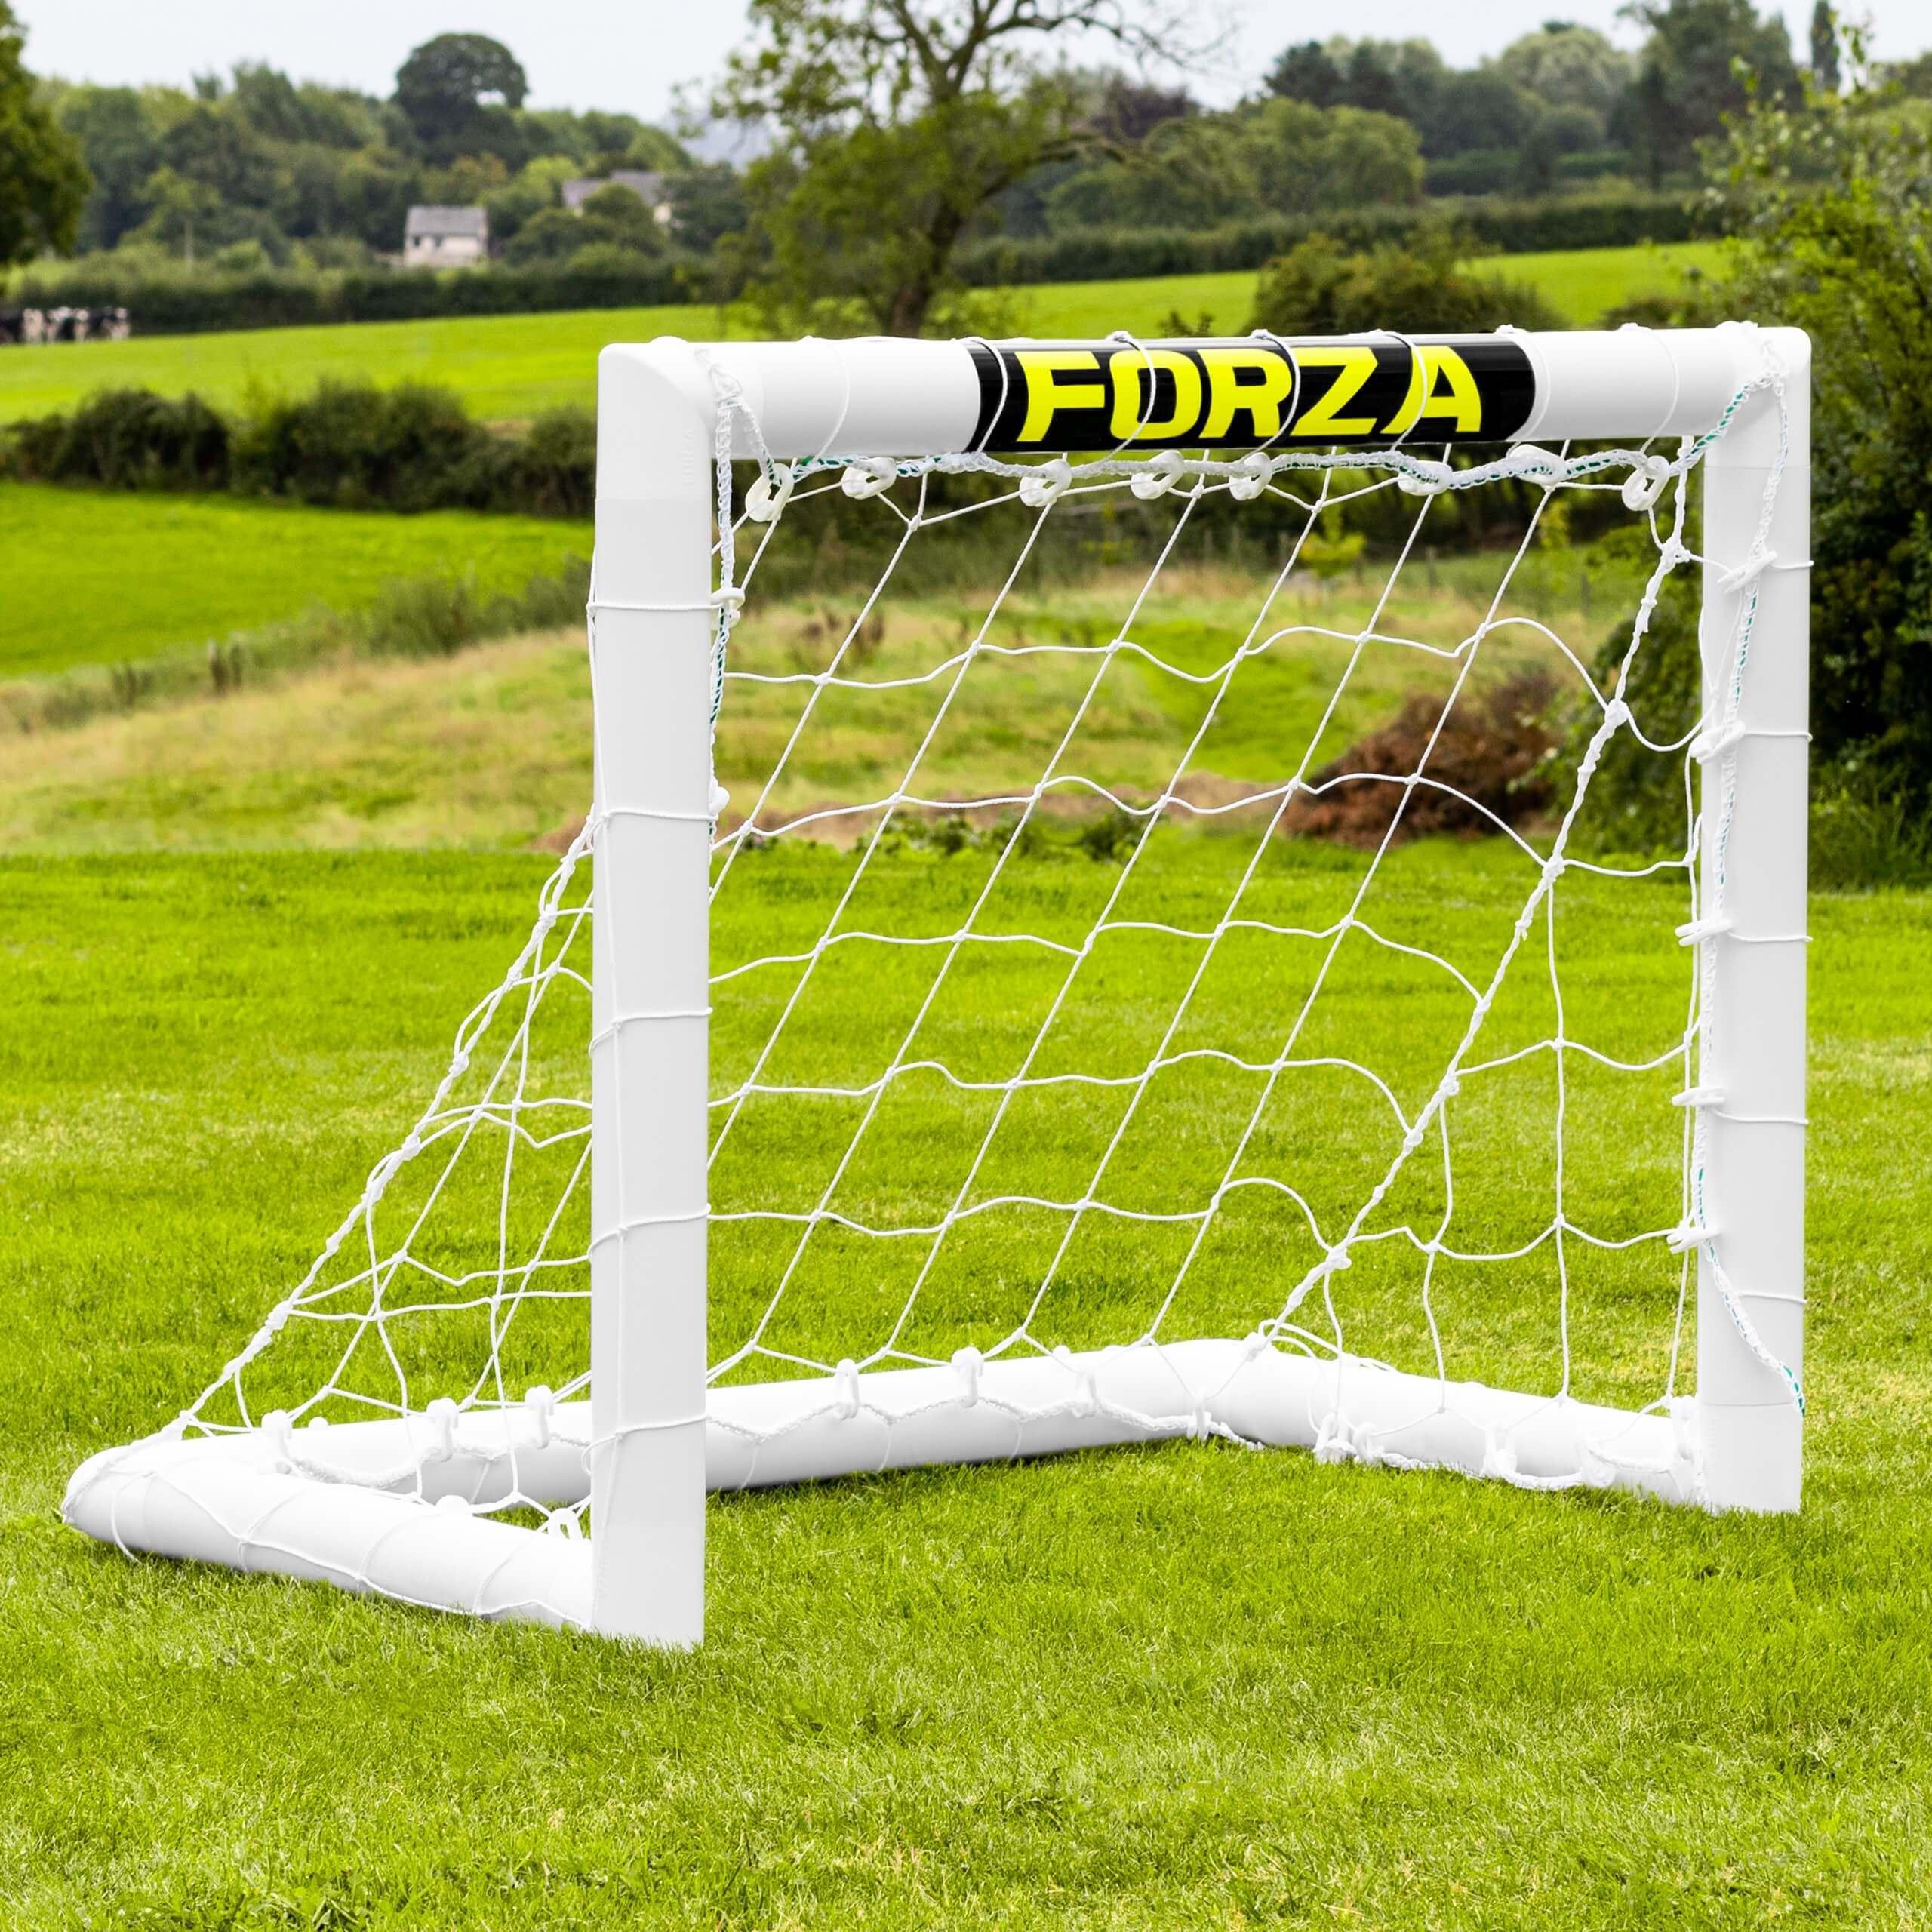 FORZA Mini Soccer Goal | Soccer Goal For Under 5's ...